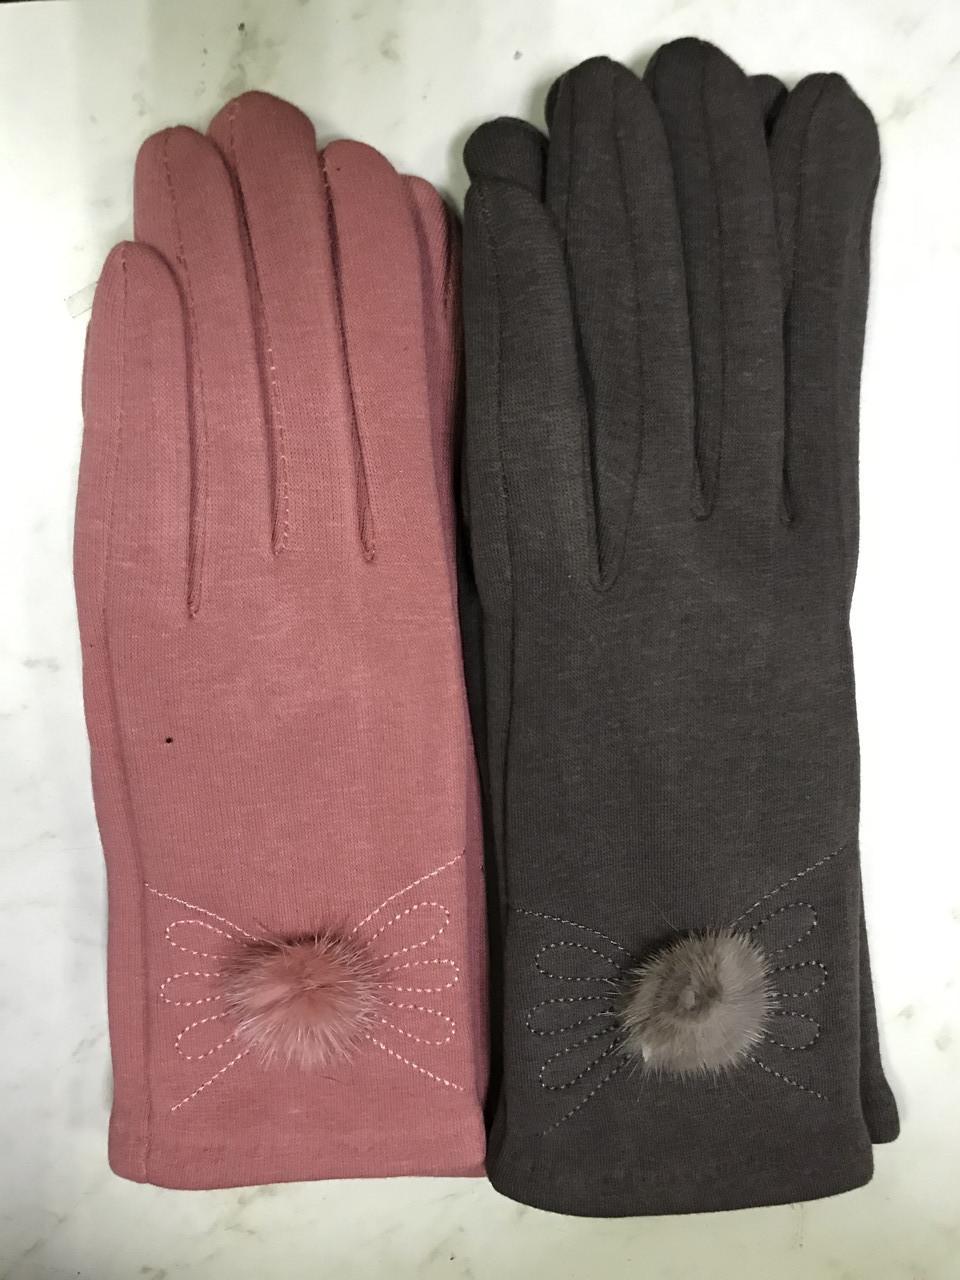 Перчатки женские трикотаж на флисе  розовые и коричневые